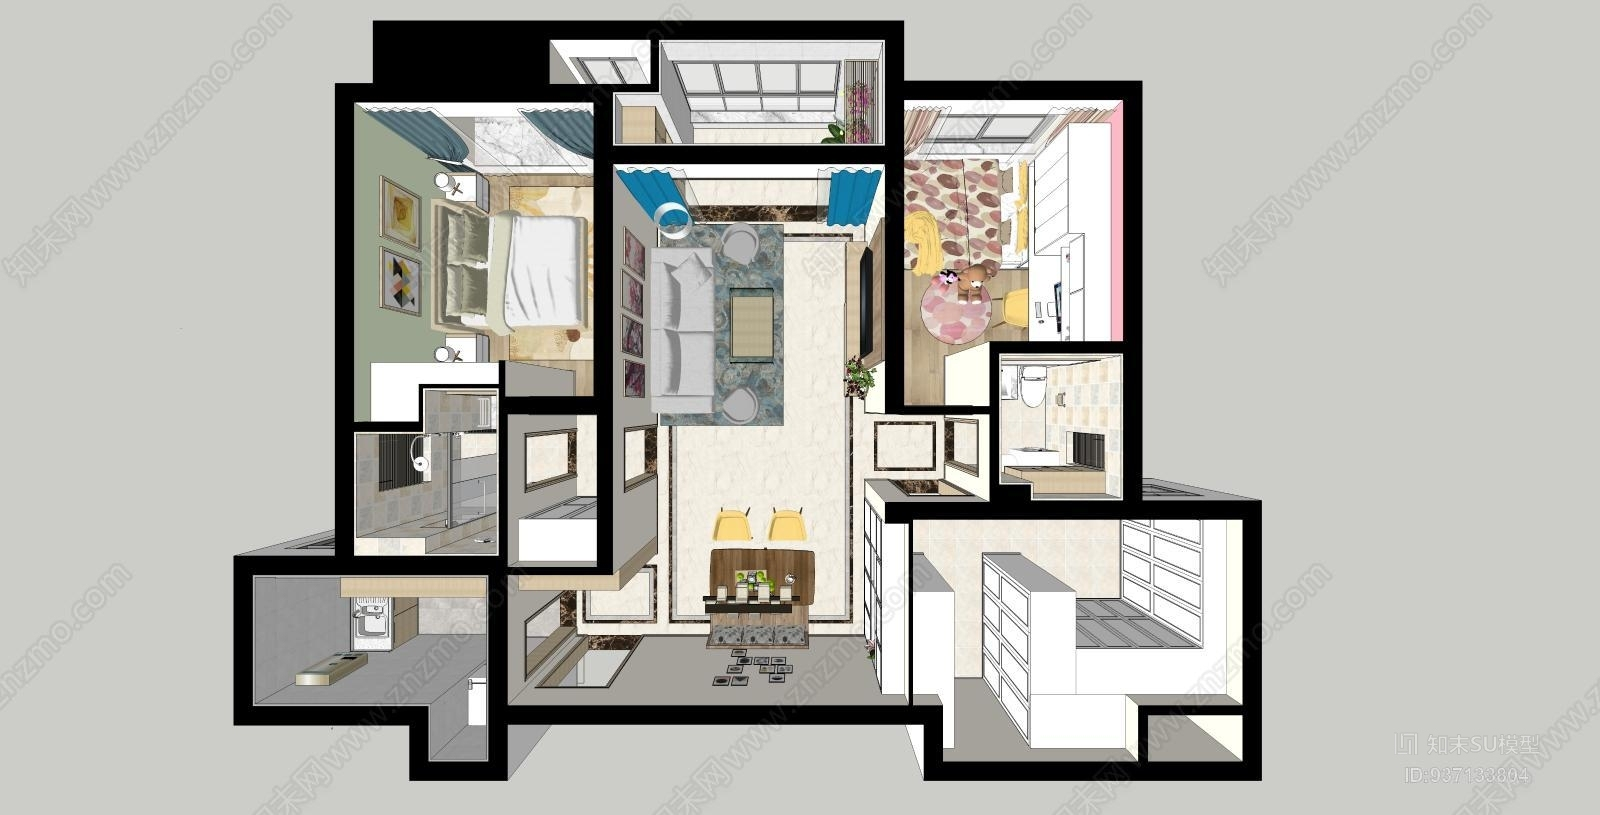 简约风格三室两厅家居